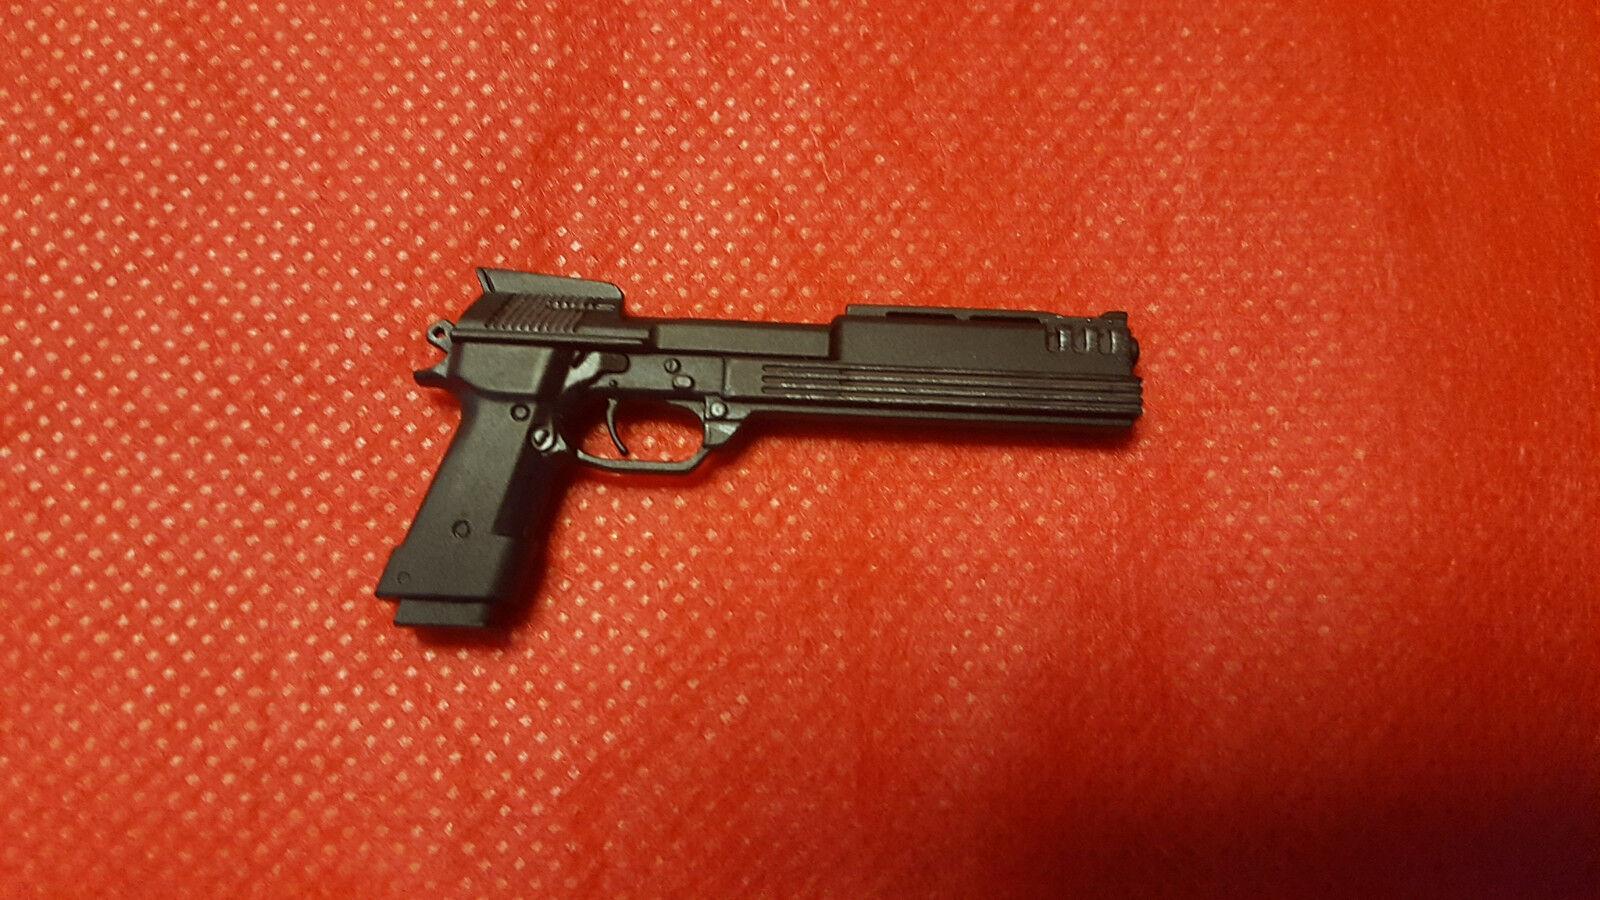 1   6 heißes spielzeug robocop (schlacht beschädigt) & alex murphy druckguss - pistole nur jc